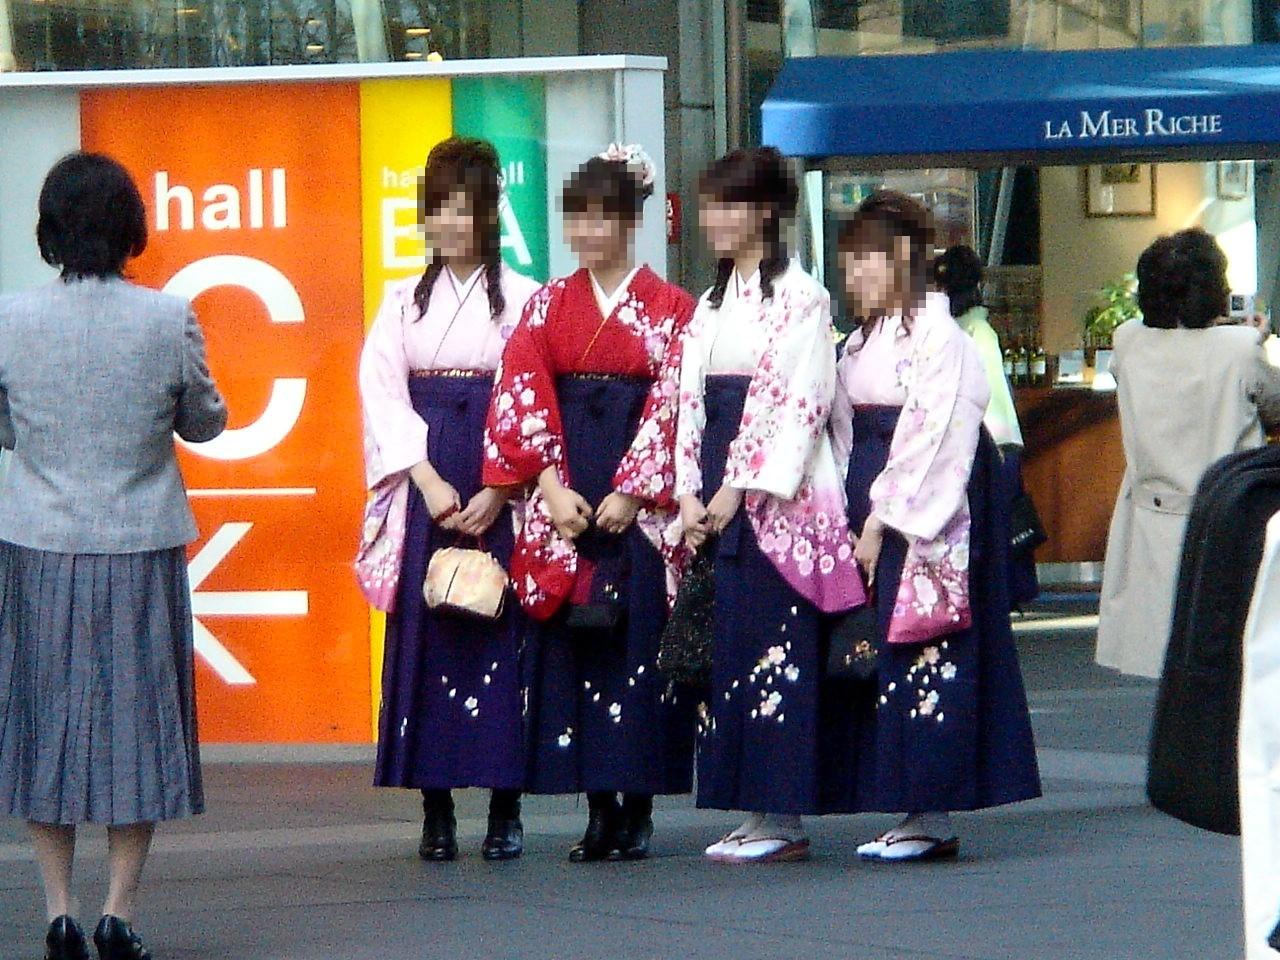 大学卒業式で、女子の姿が変わった!?:羽織袴にヒールが復活!?_e0171614_752126.jpg